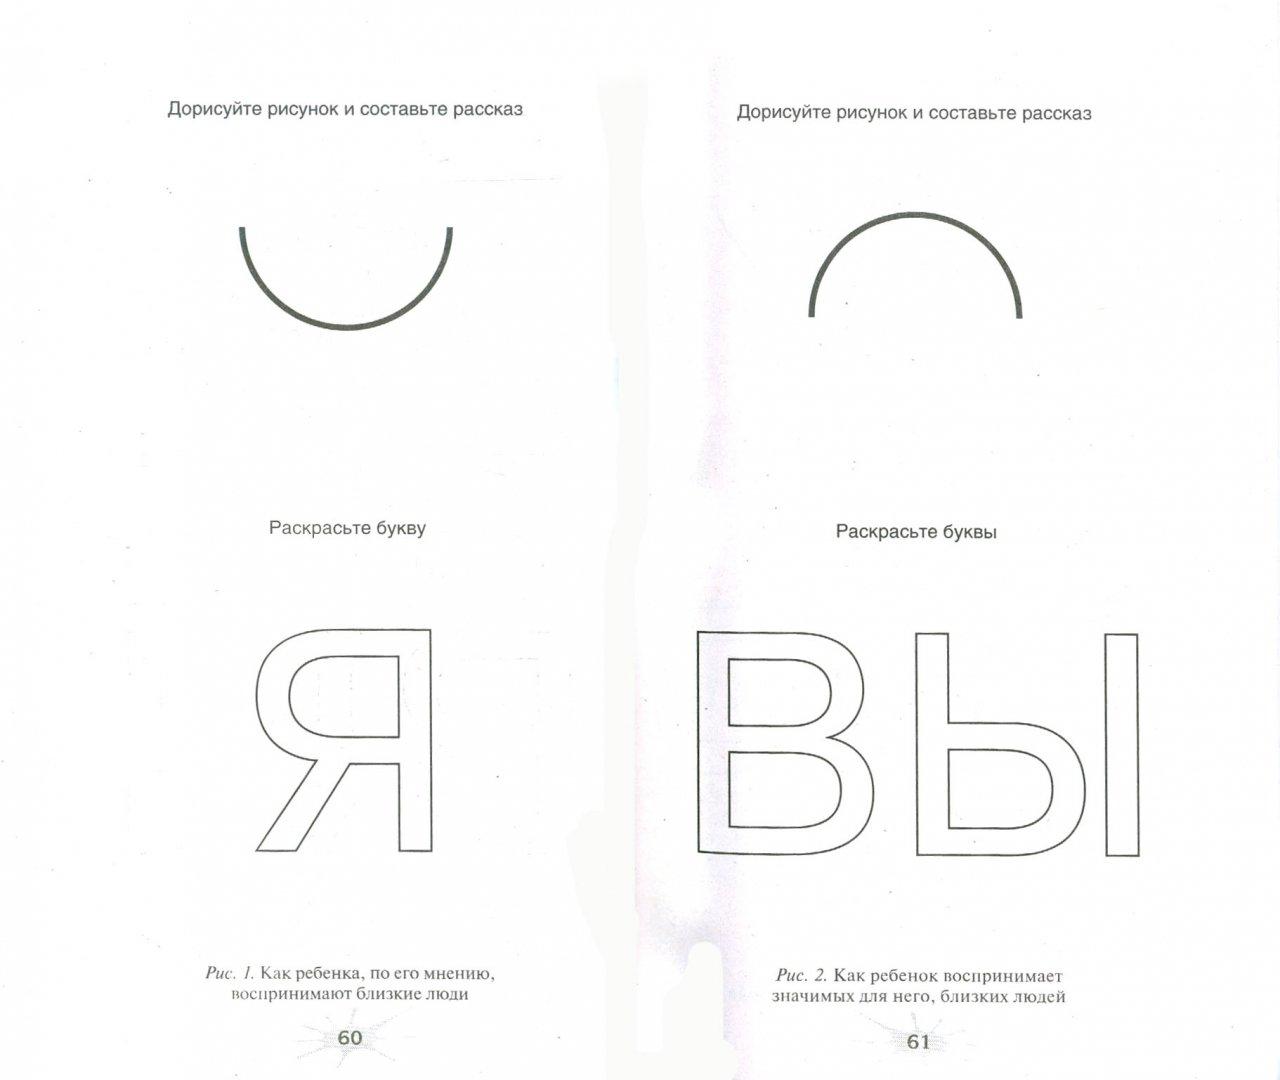 Иллюстрация 1 из 6 для Коррекция судьбы с помощью рисунка. Как стать хозяином своей жизни - Наталья Александрова   Лабиринт - книги. Источник: Лабиринт